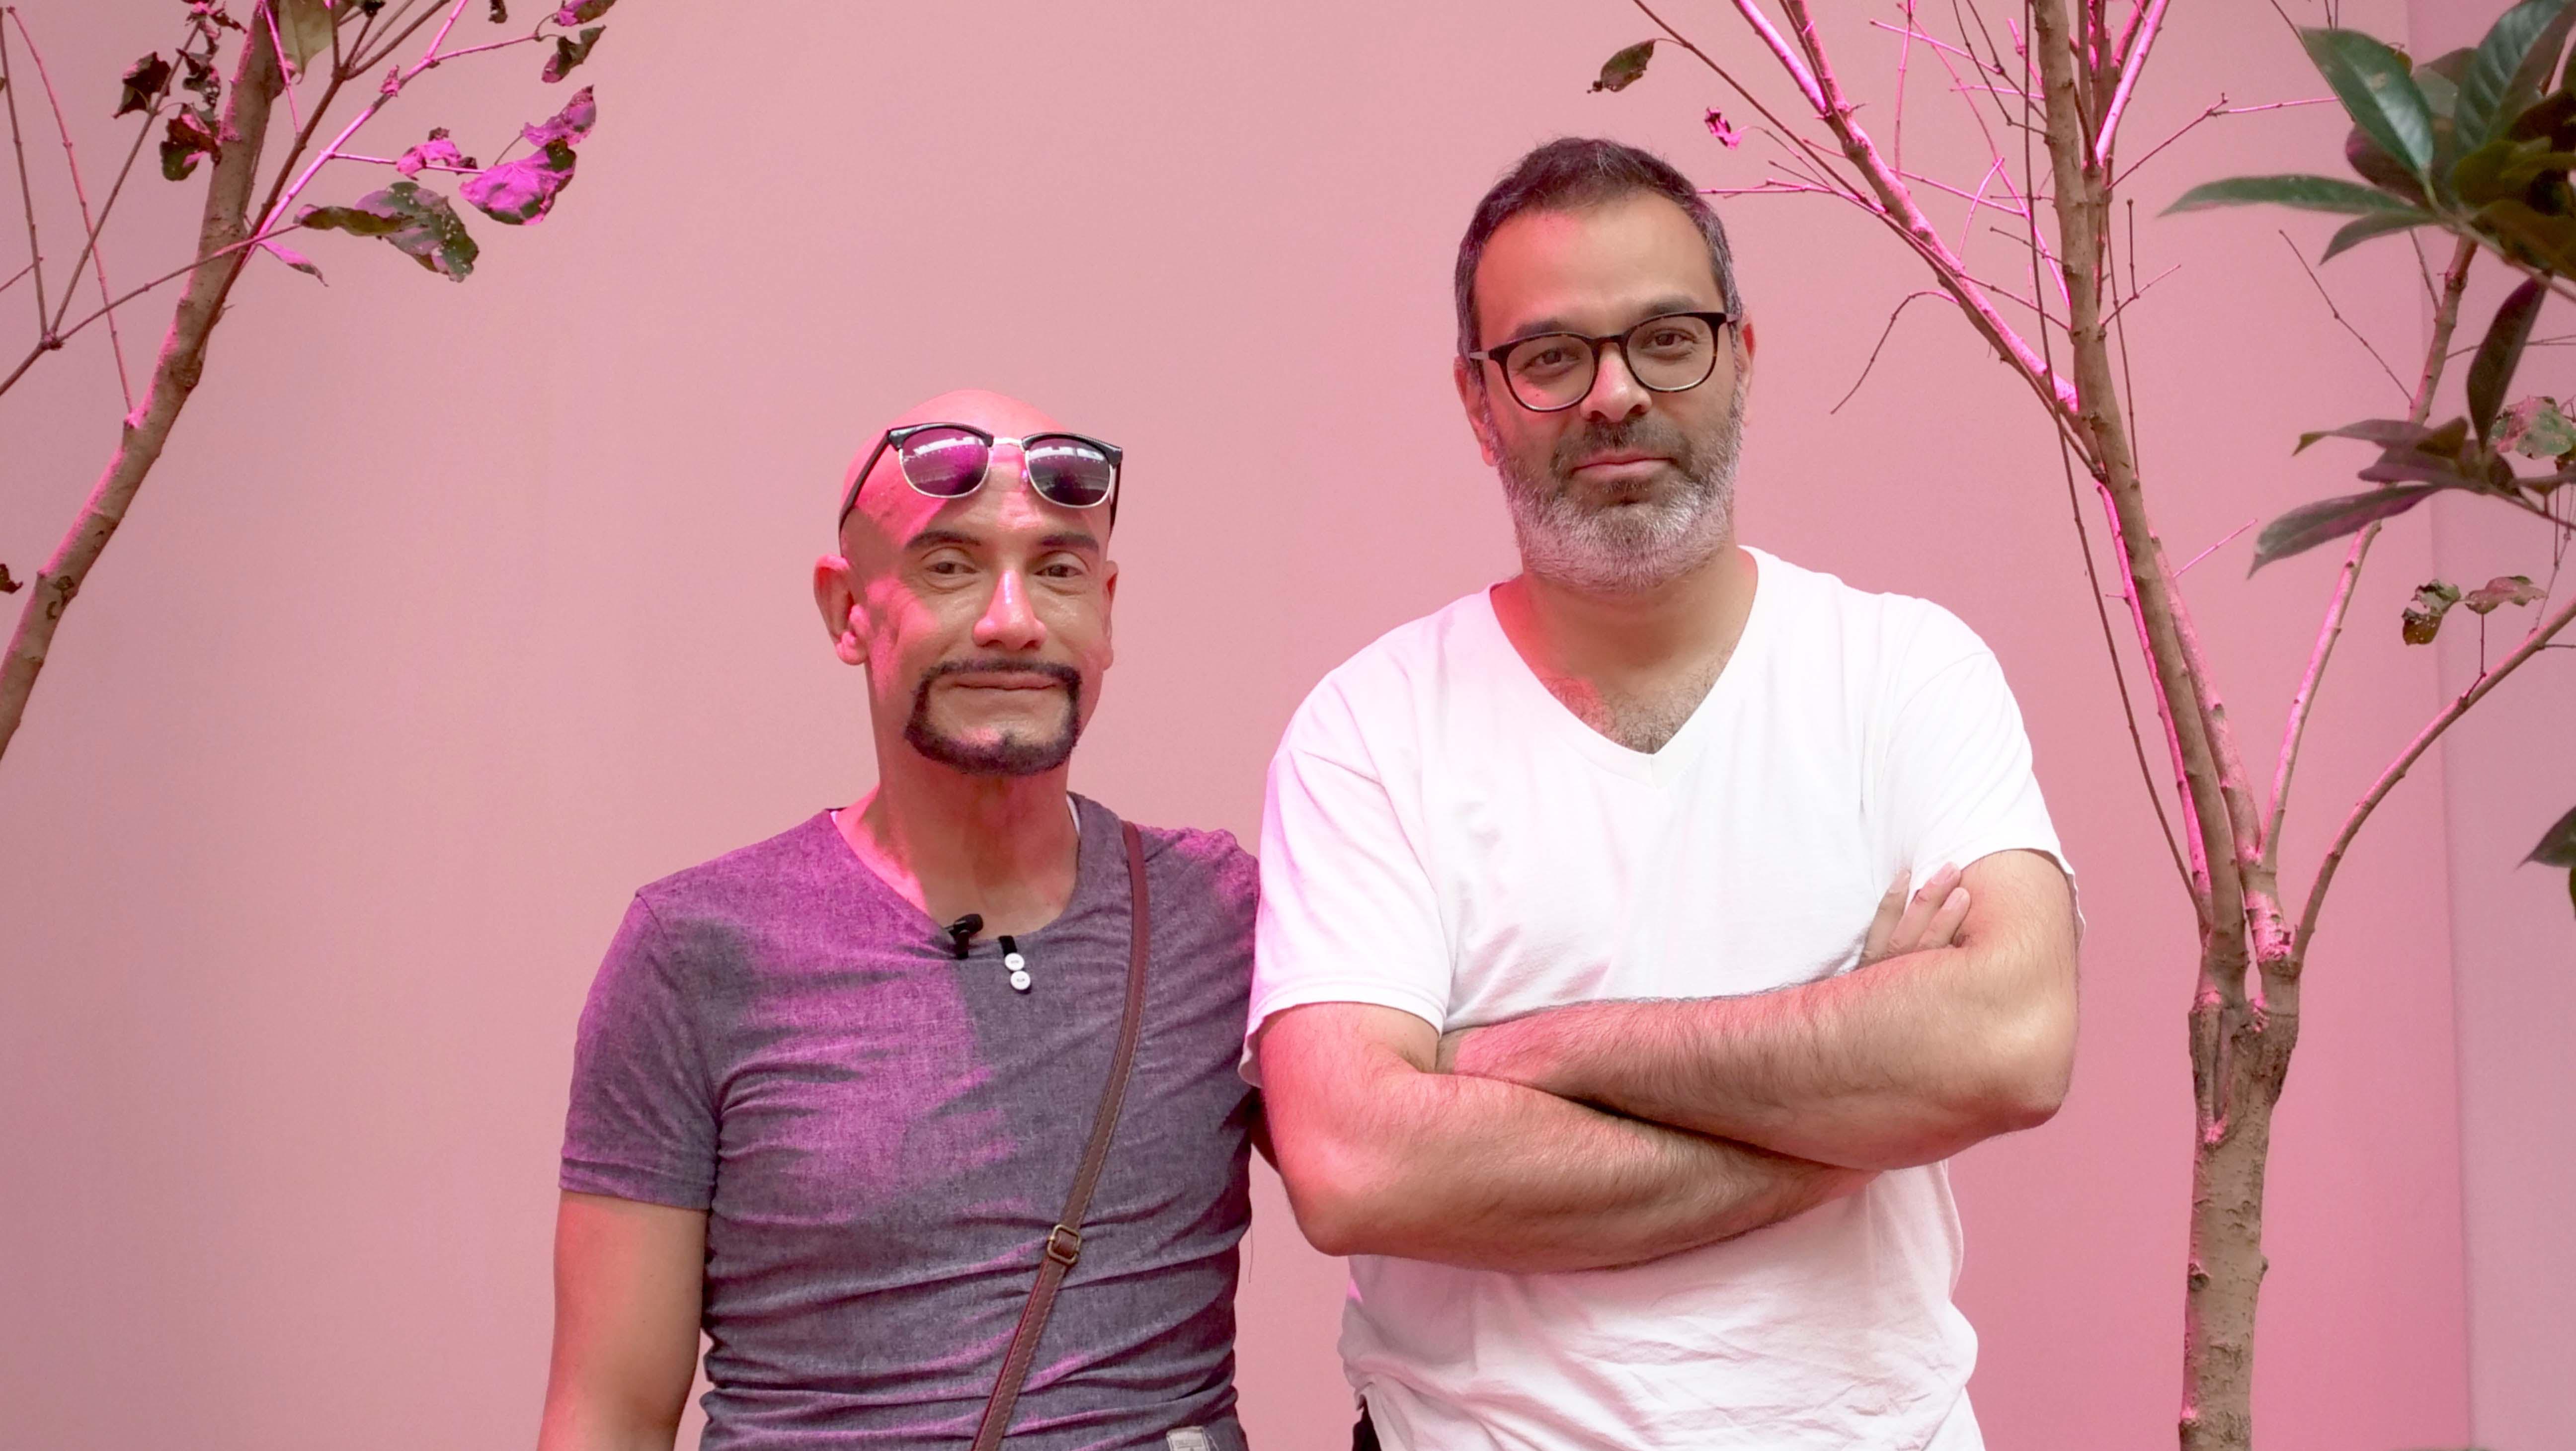 【新闻图片】知名艺术家阿萨德·拉扎